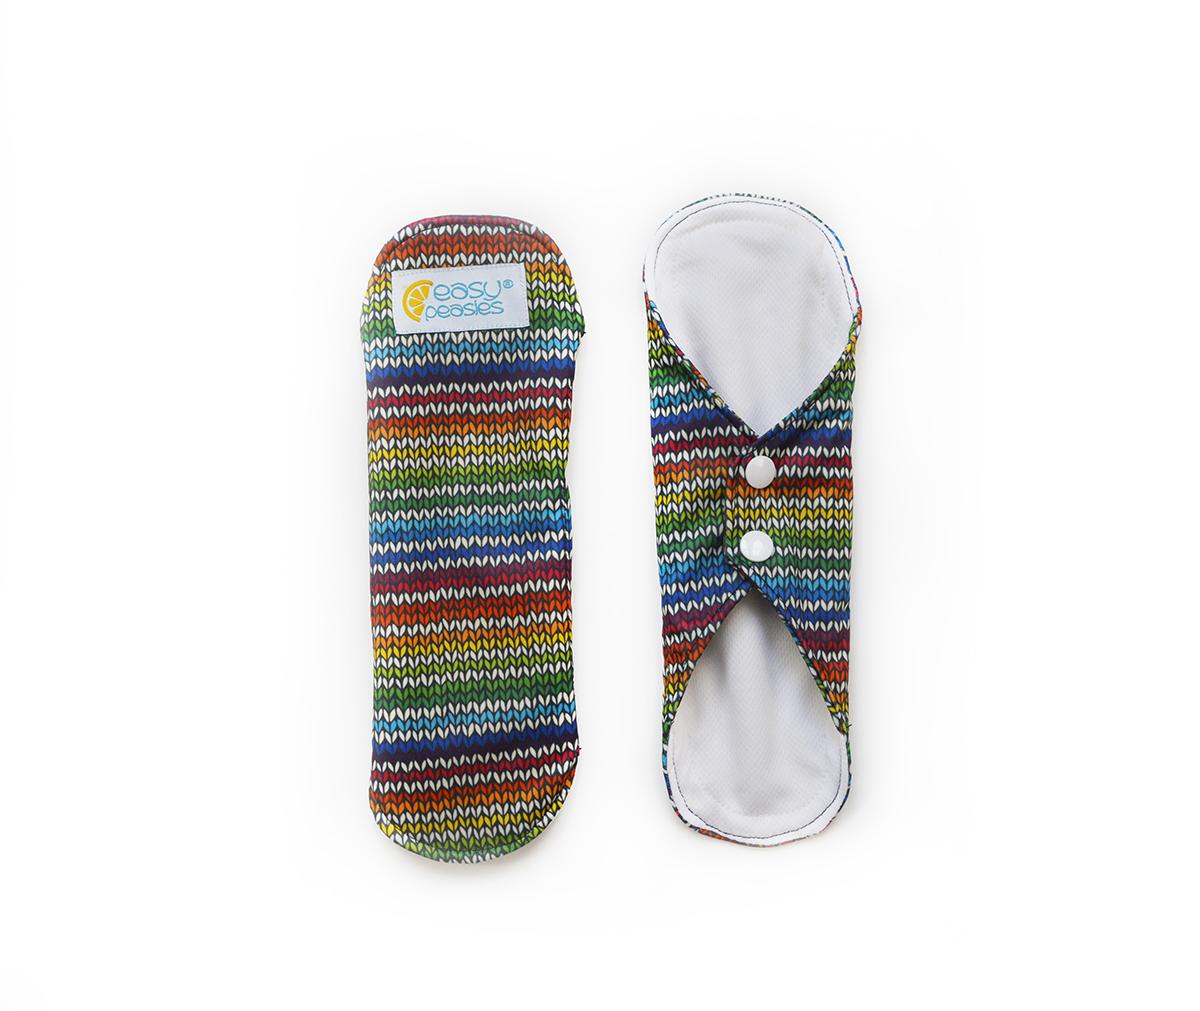 Easy Pad™ Reusable Menstrual Sanitary Napkin - Cozy Up 00867